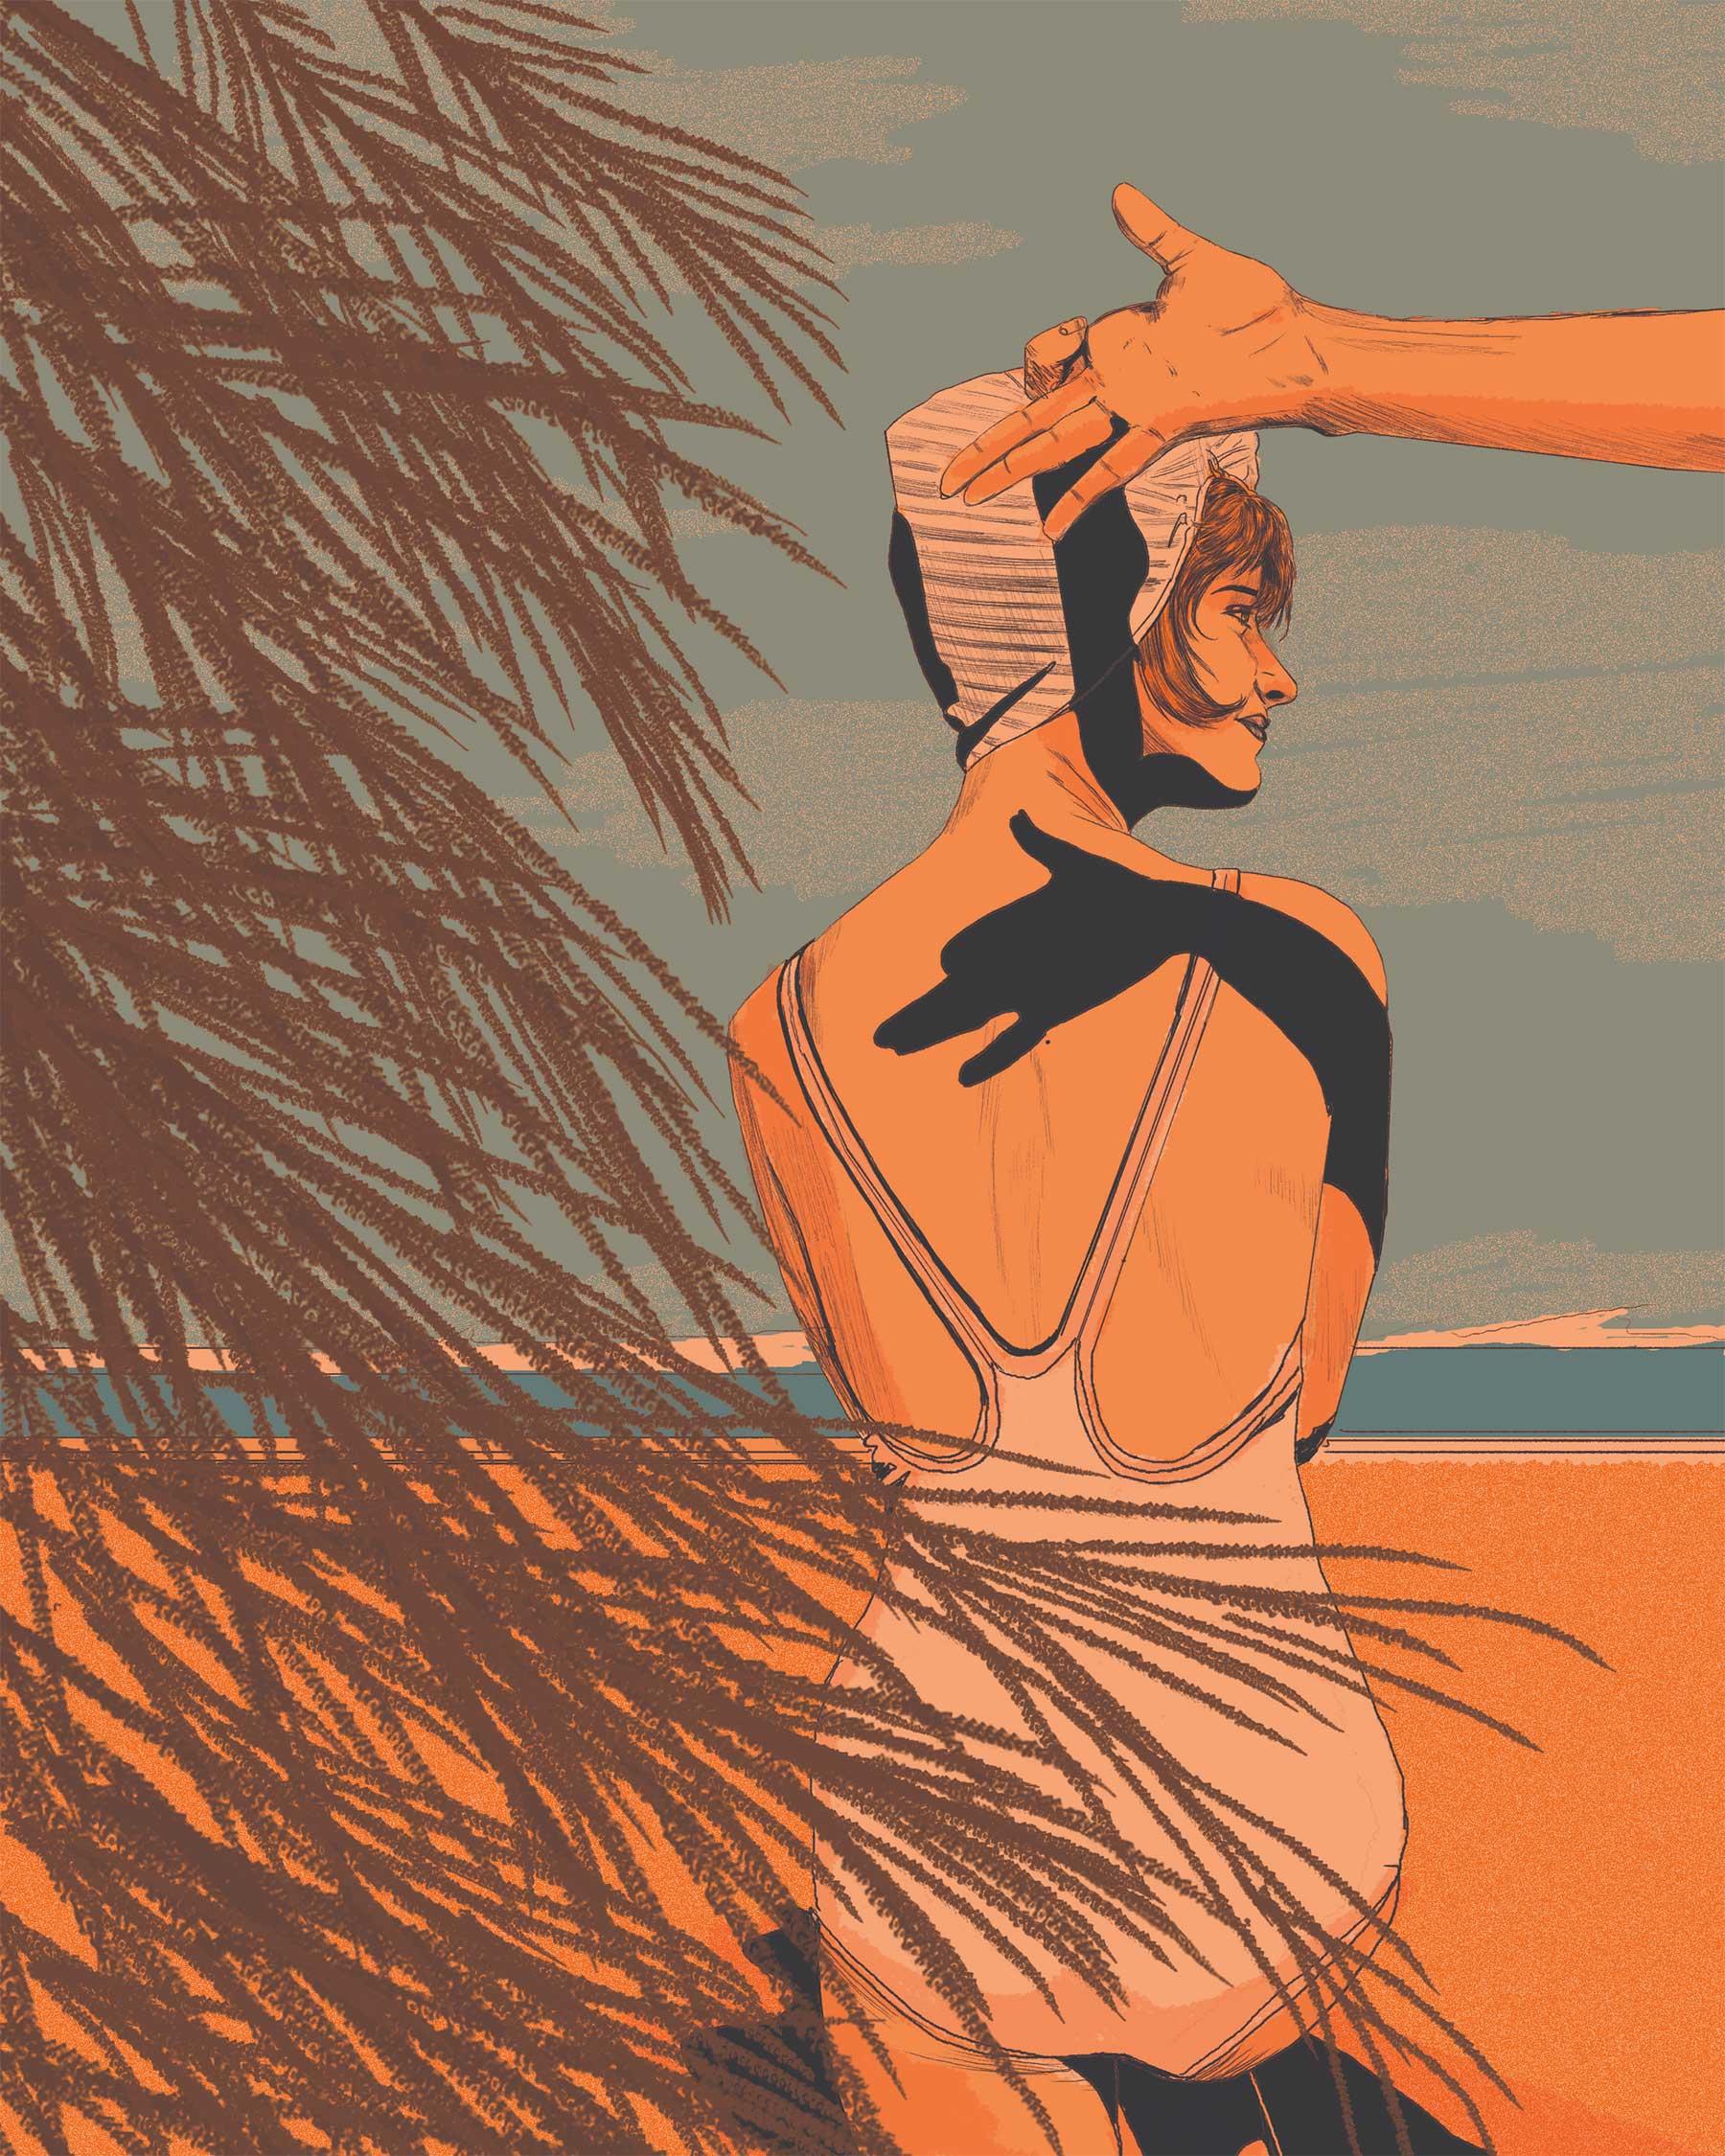 Illustration: Nicole Rifkin Nicole-Rifkin-illustration_09